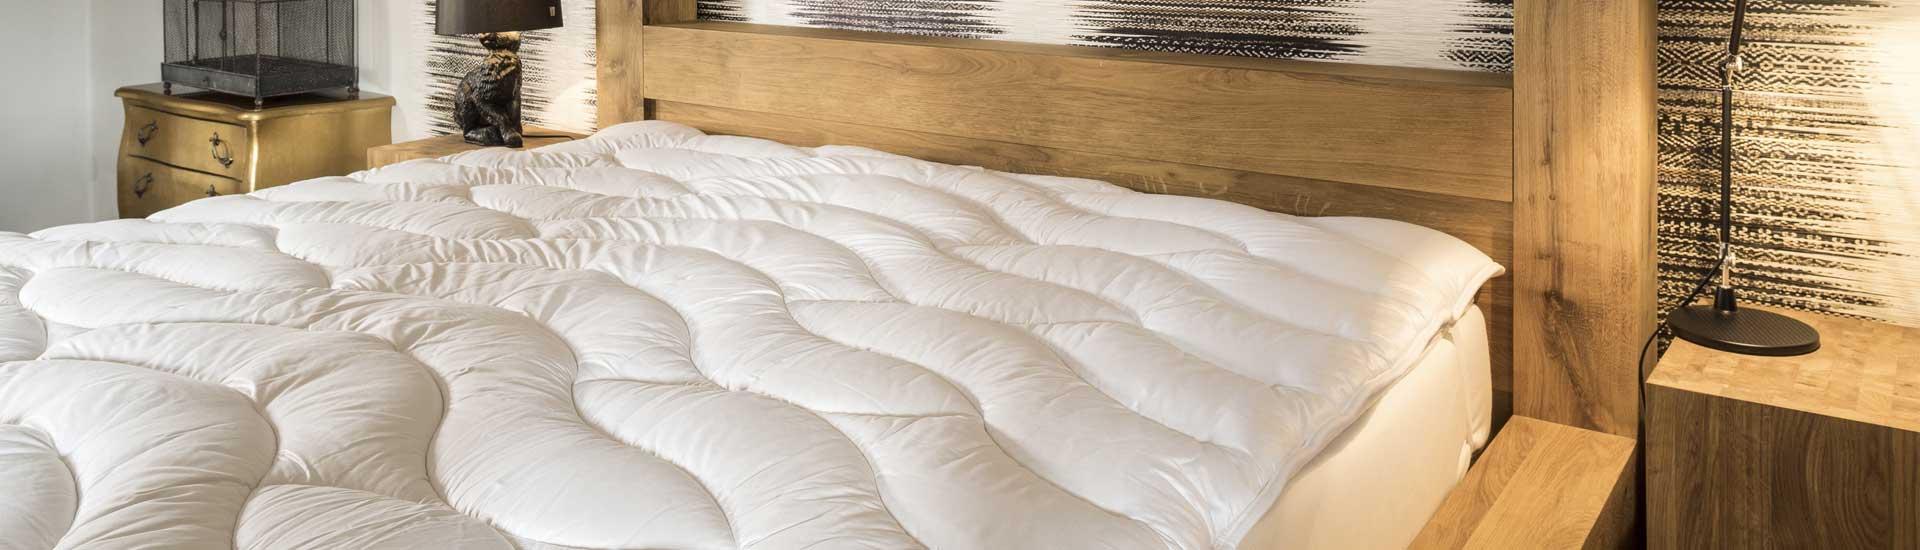 Www Brundeviantiran Fr brun de vian-tiran, accessories for sleep and comfort   luxury bed